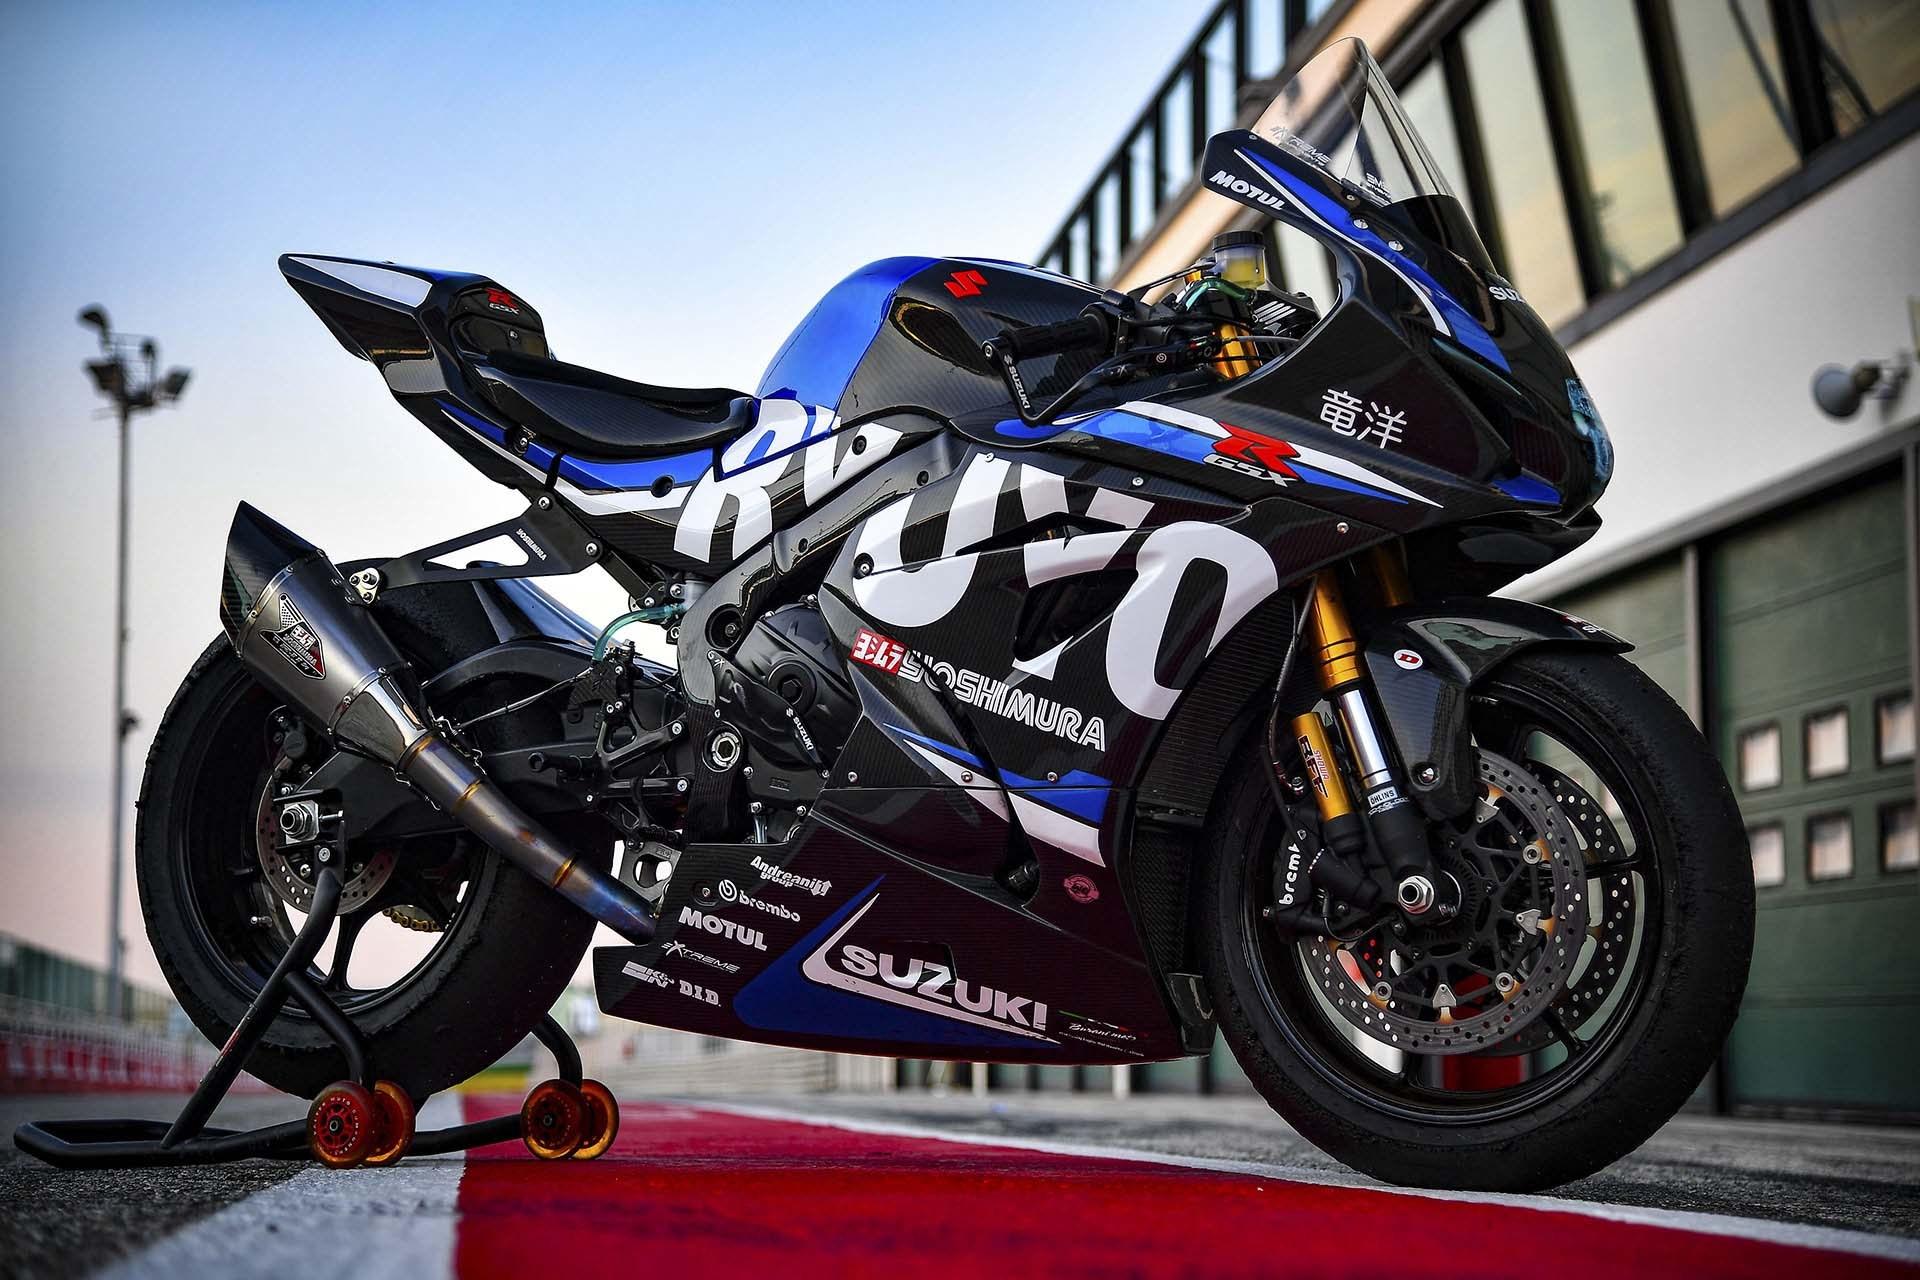 Suzuki GSX-R 1000R Ryuyo, 168 kg de peso y más de 200cv en esta bestia de superbike